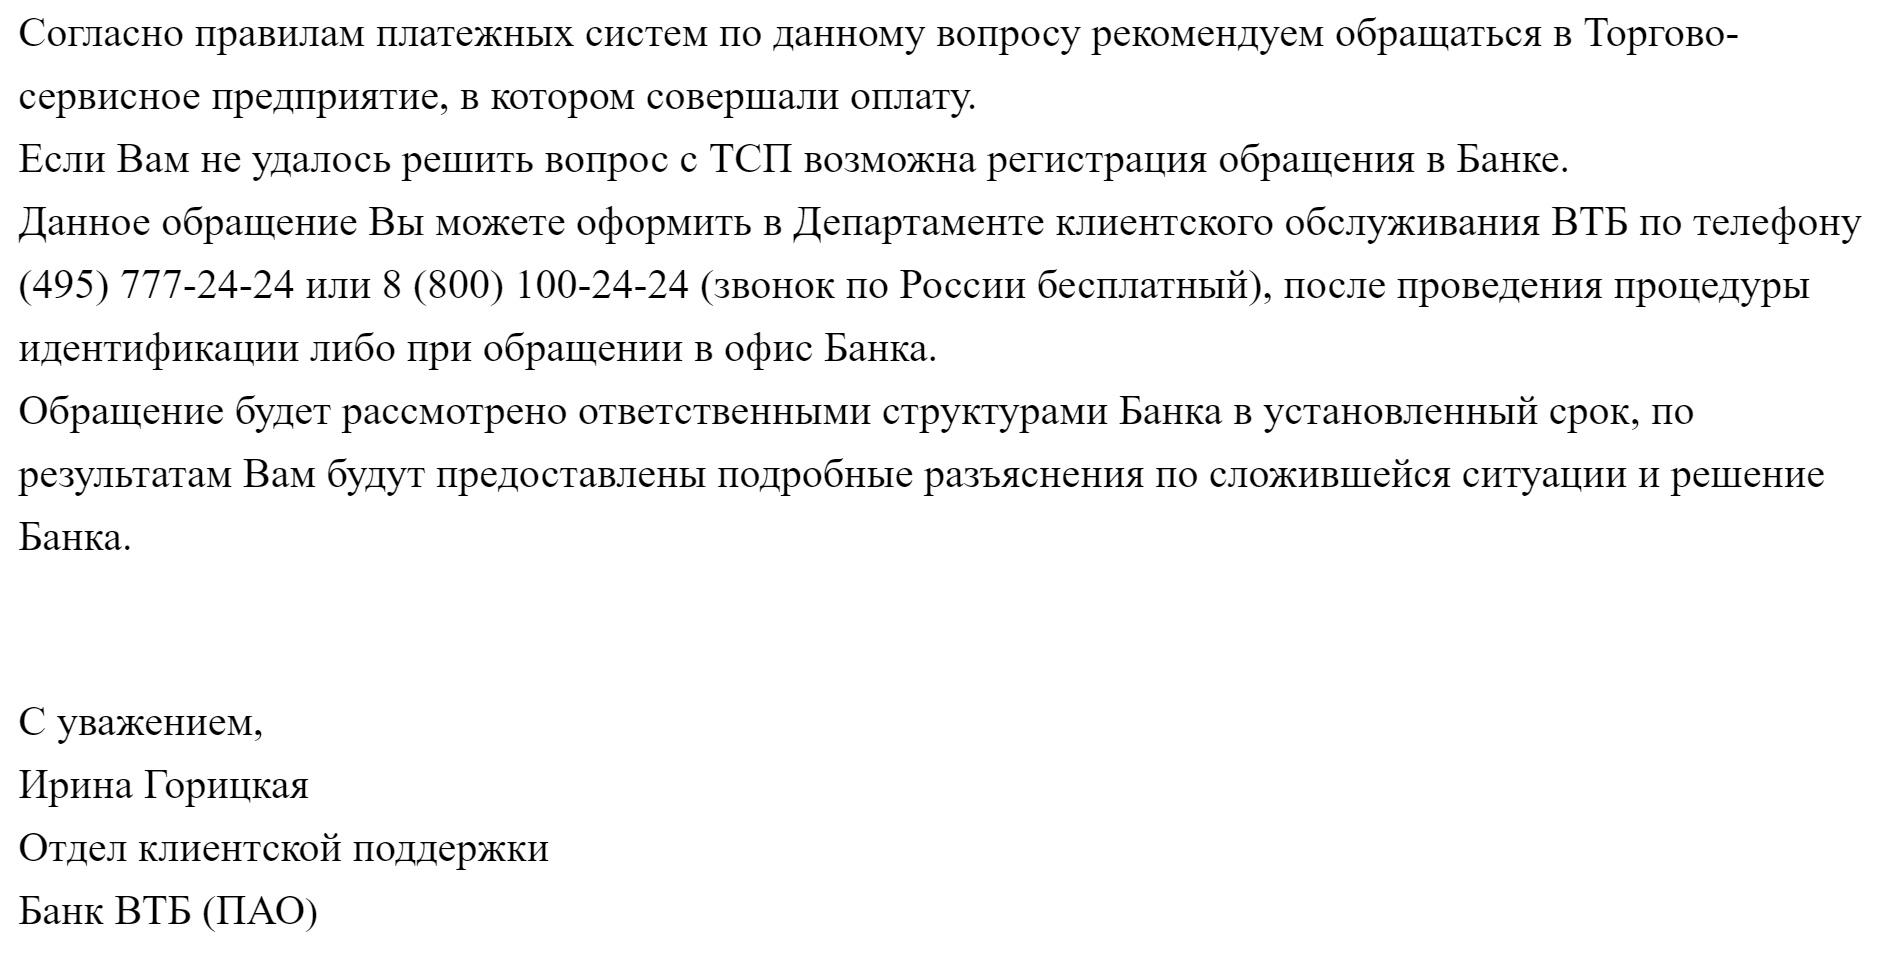 Как с моего счета в ВТБ похитили 80000 рублей